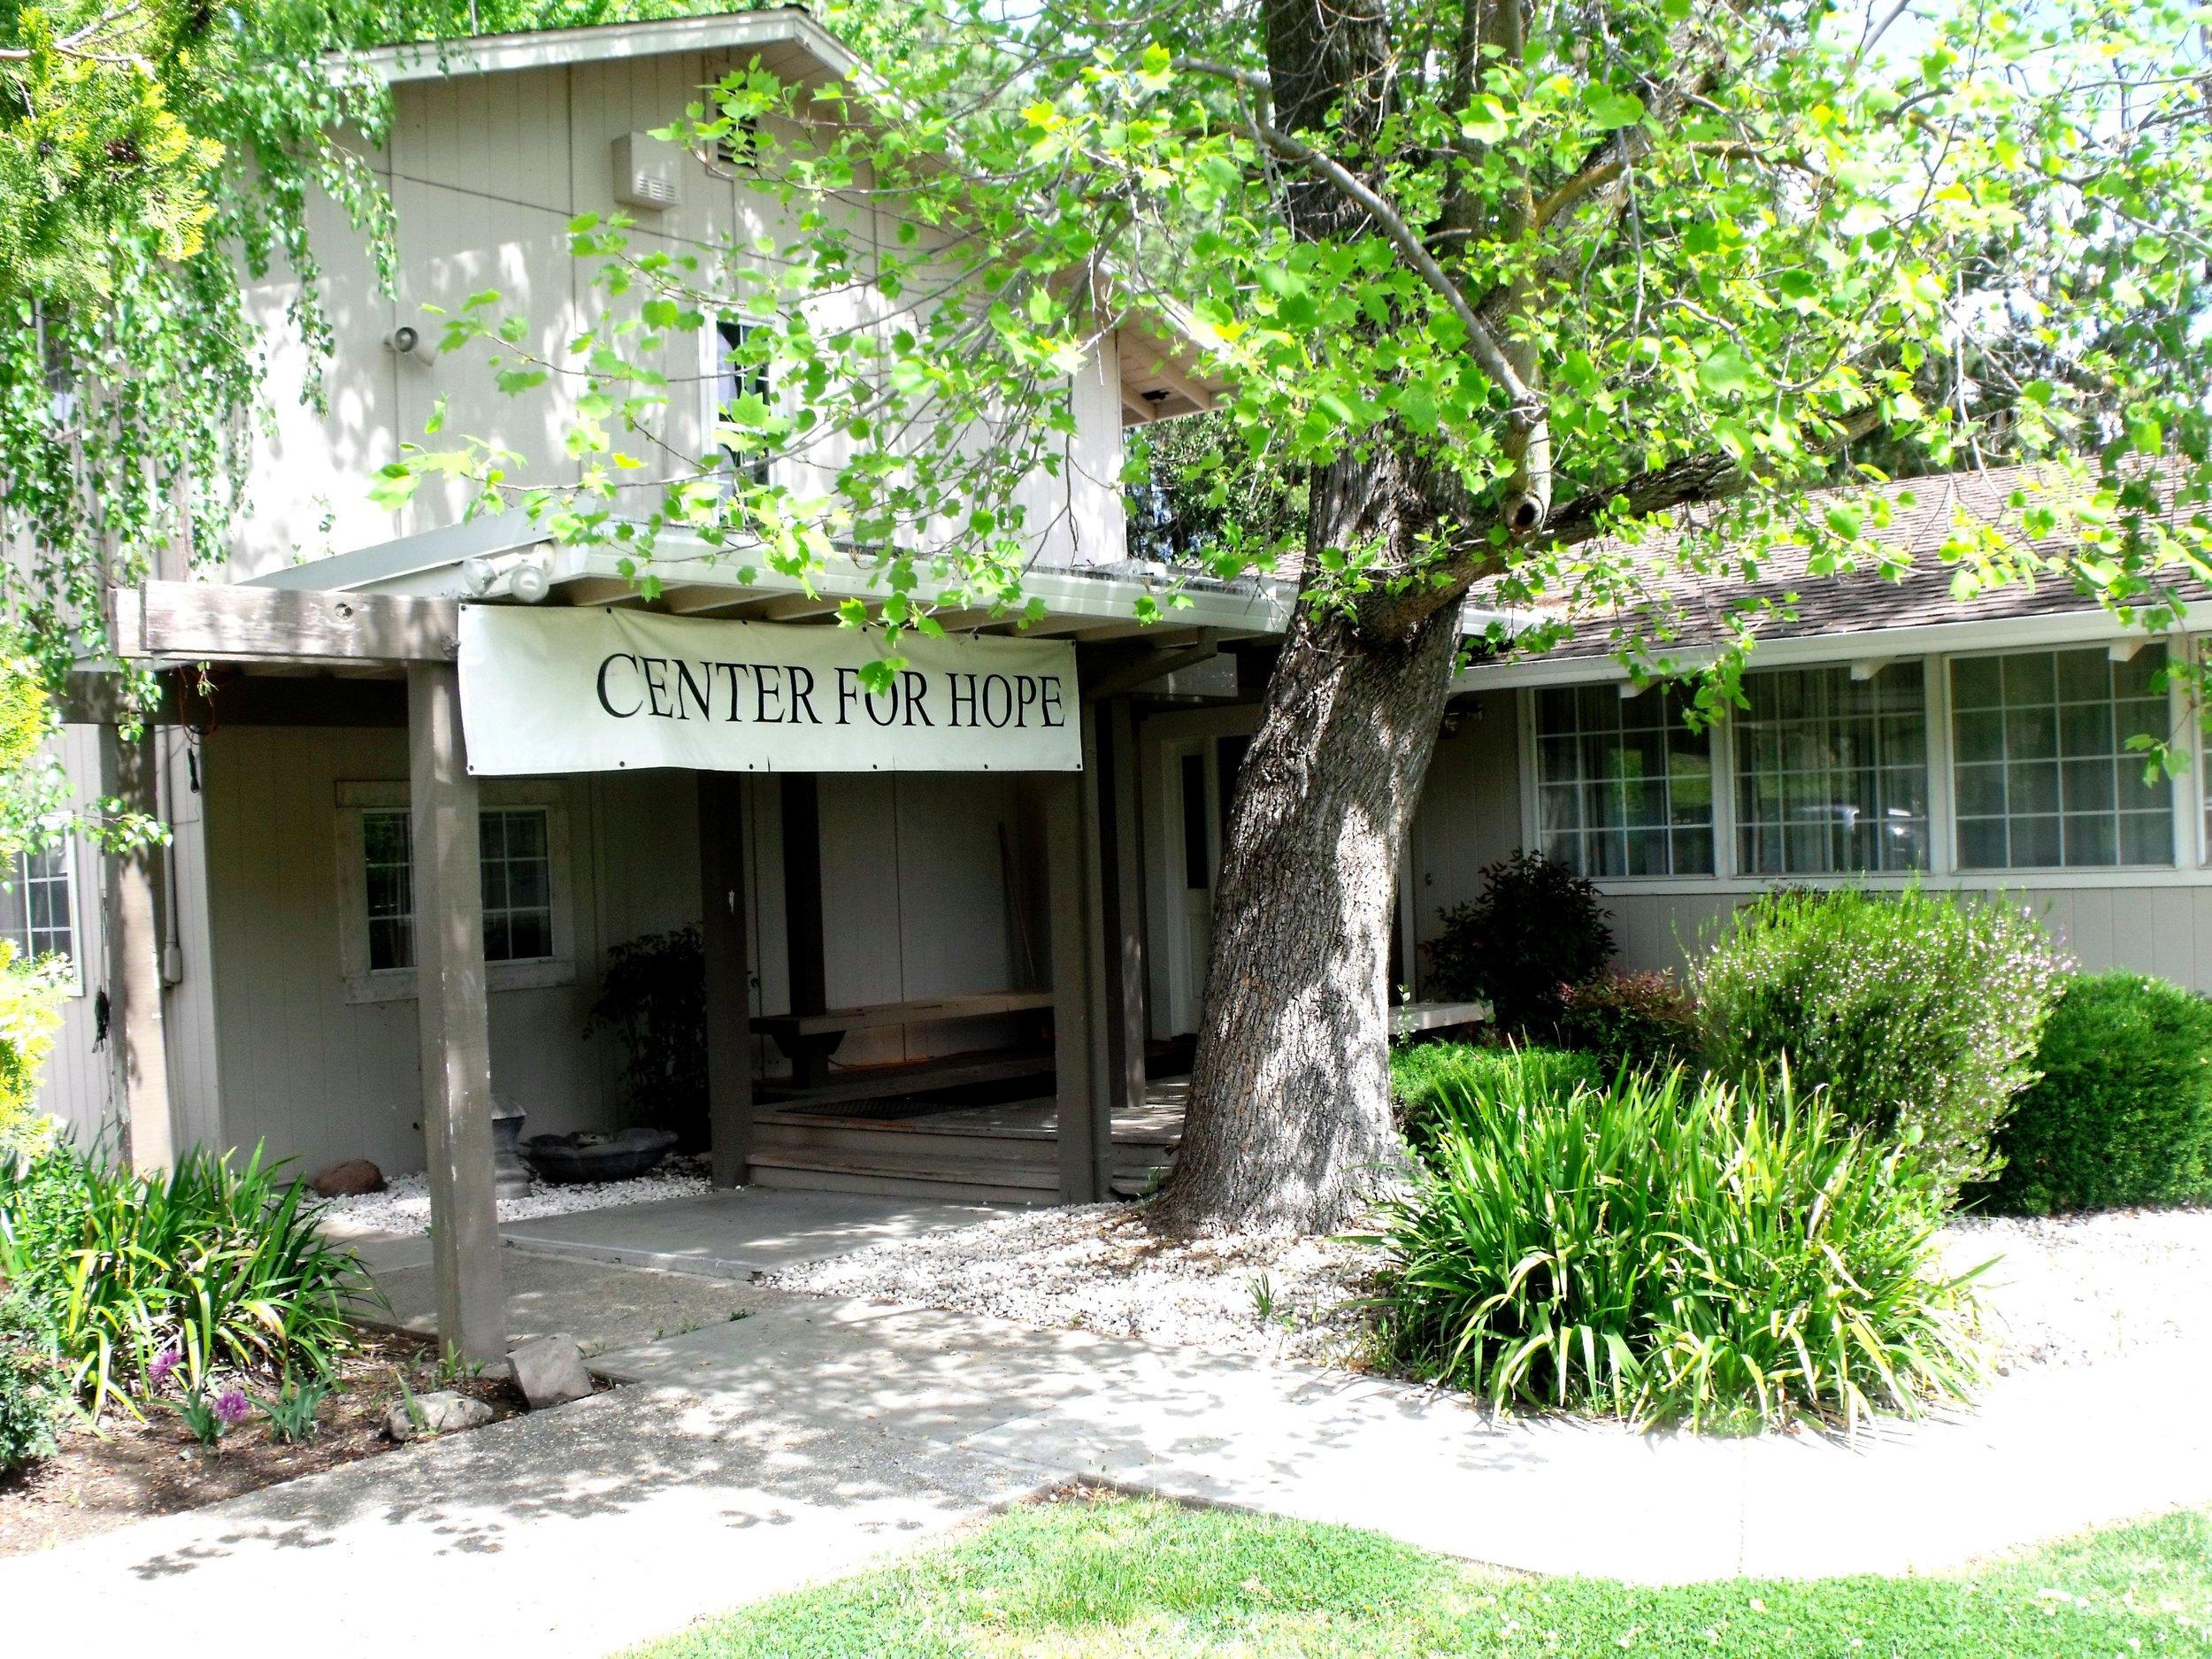 Center for Hope - Yuba City